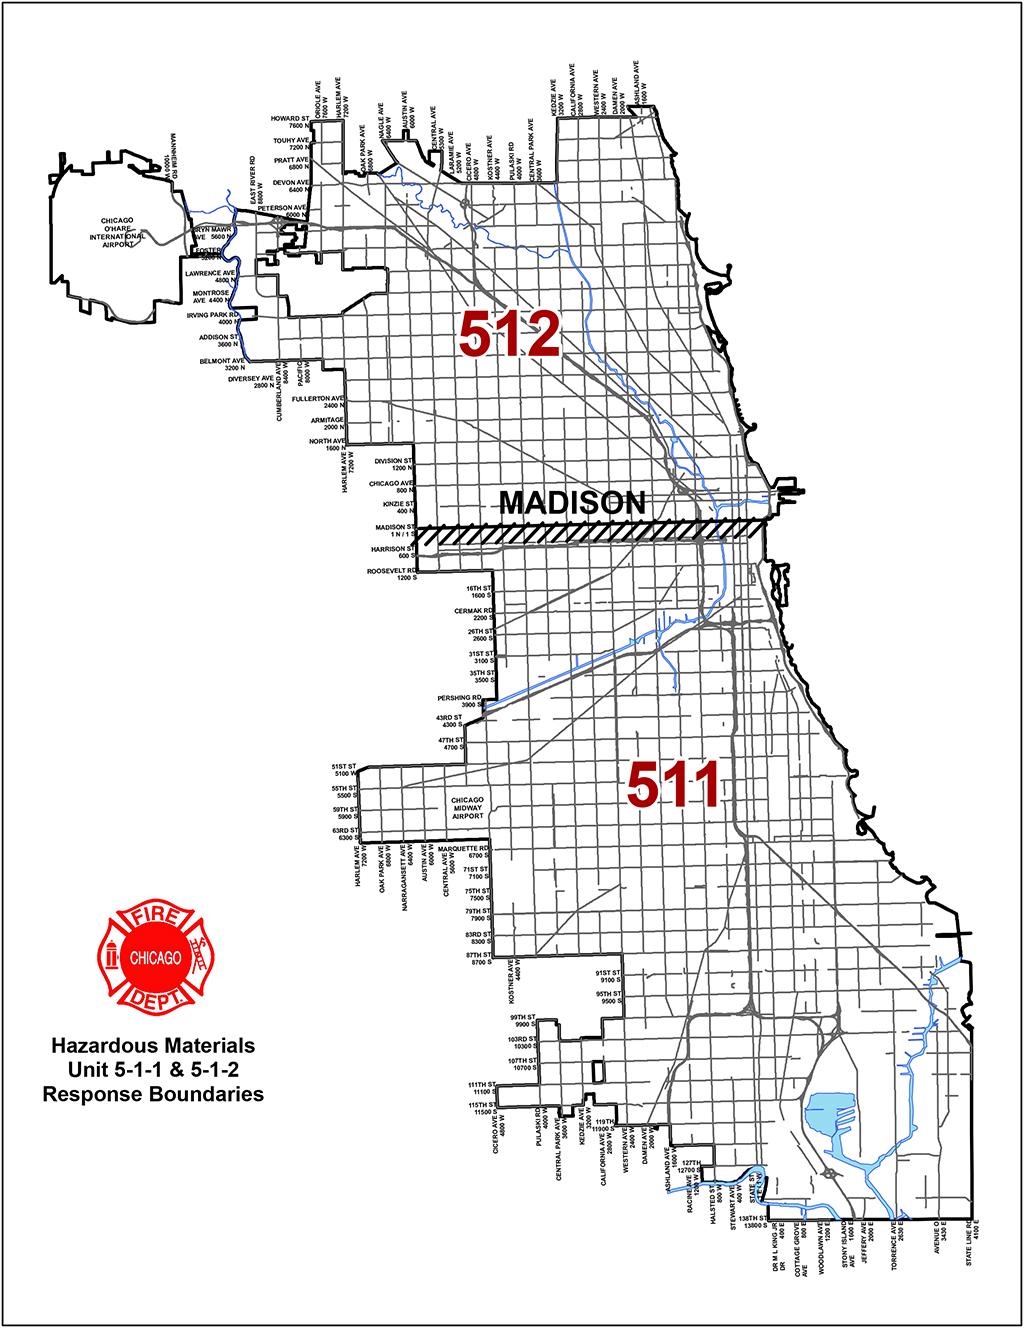 Chicago Fire Department Haz Mat Unit District Boundaries